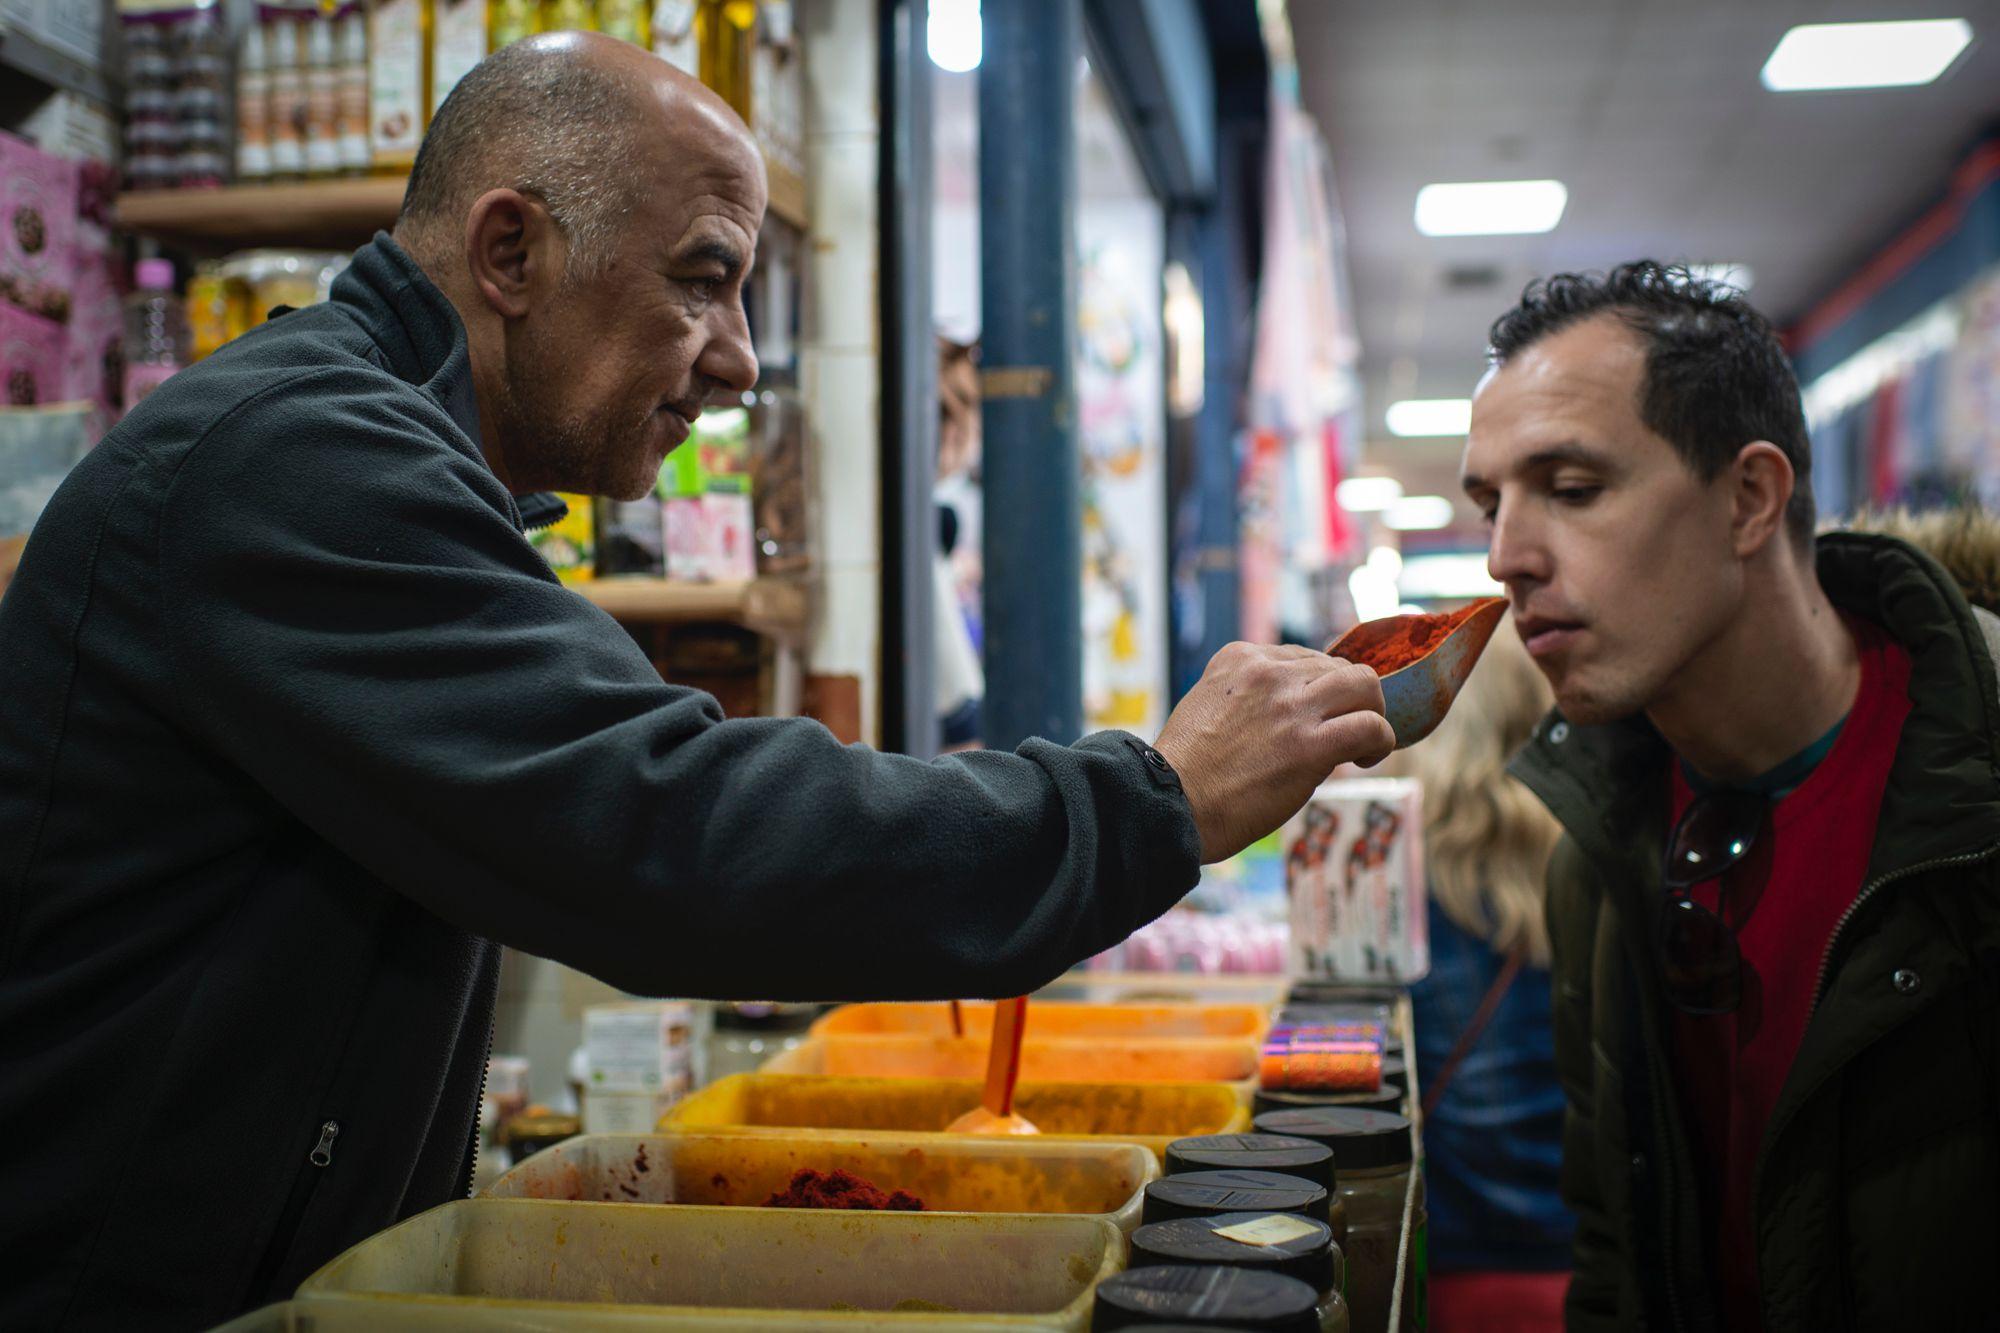 Ceuta musulmana: puesto de especias 'Musa' en el Mercado Central